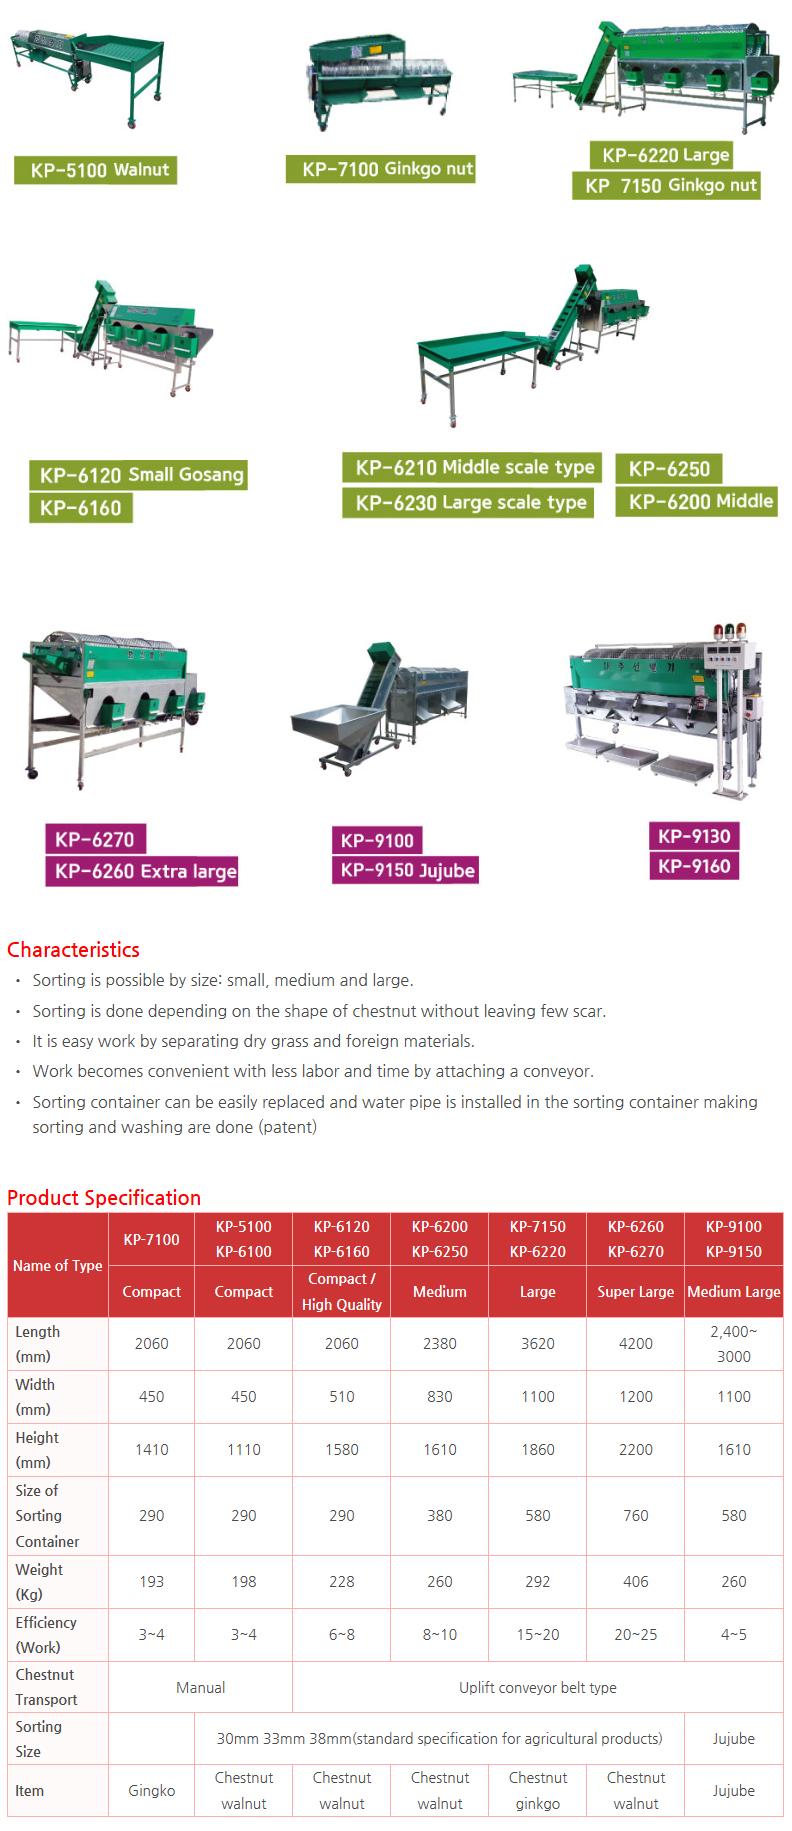 KWANG PUNG Sorter KP Series